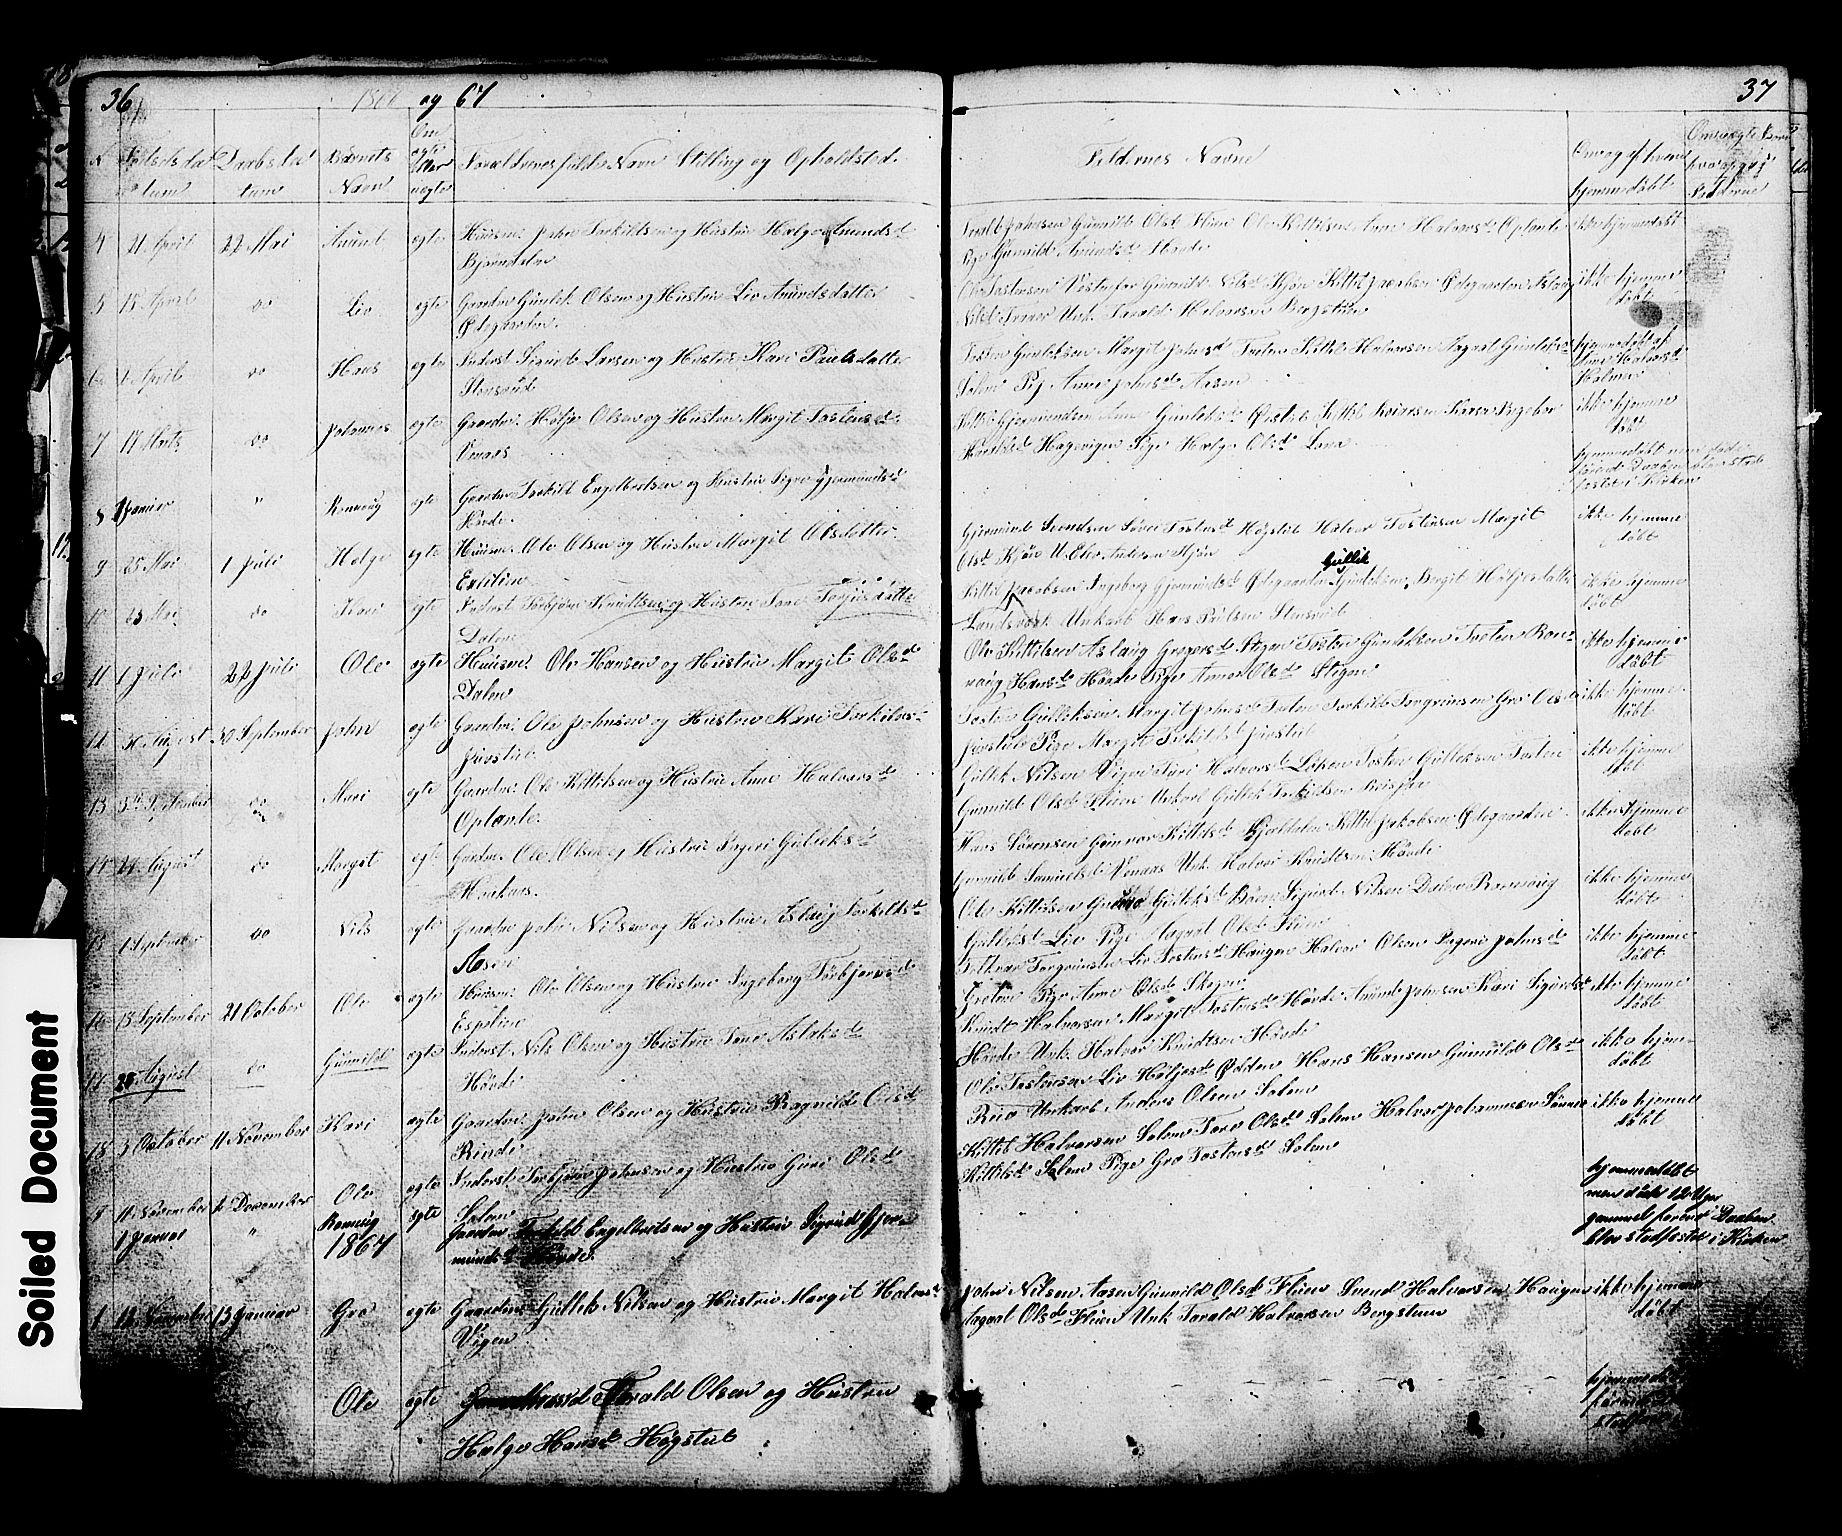 SAKO, Hjartdal kirkebøker, G/Gc/L0002: Klokkerbok nr. III 2, 1854-1890, s. 36-37